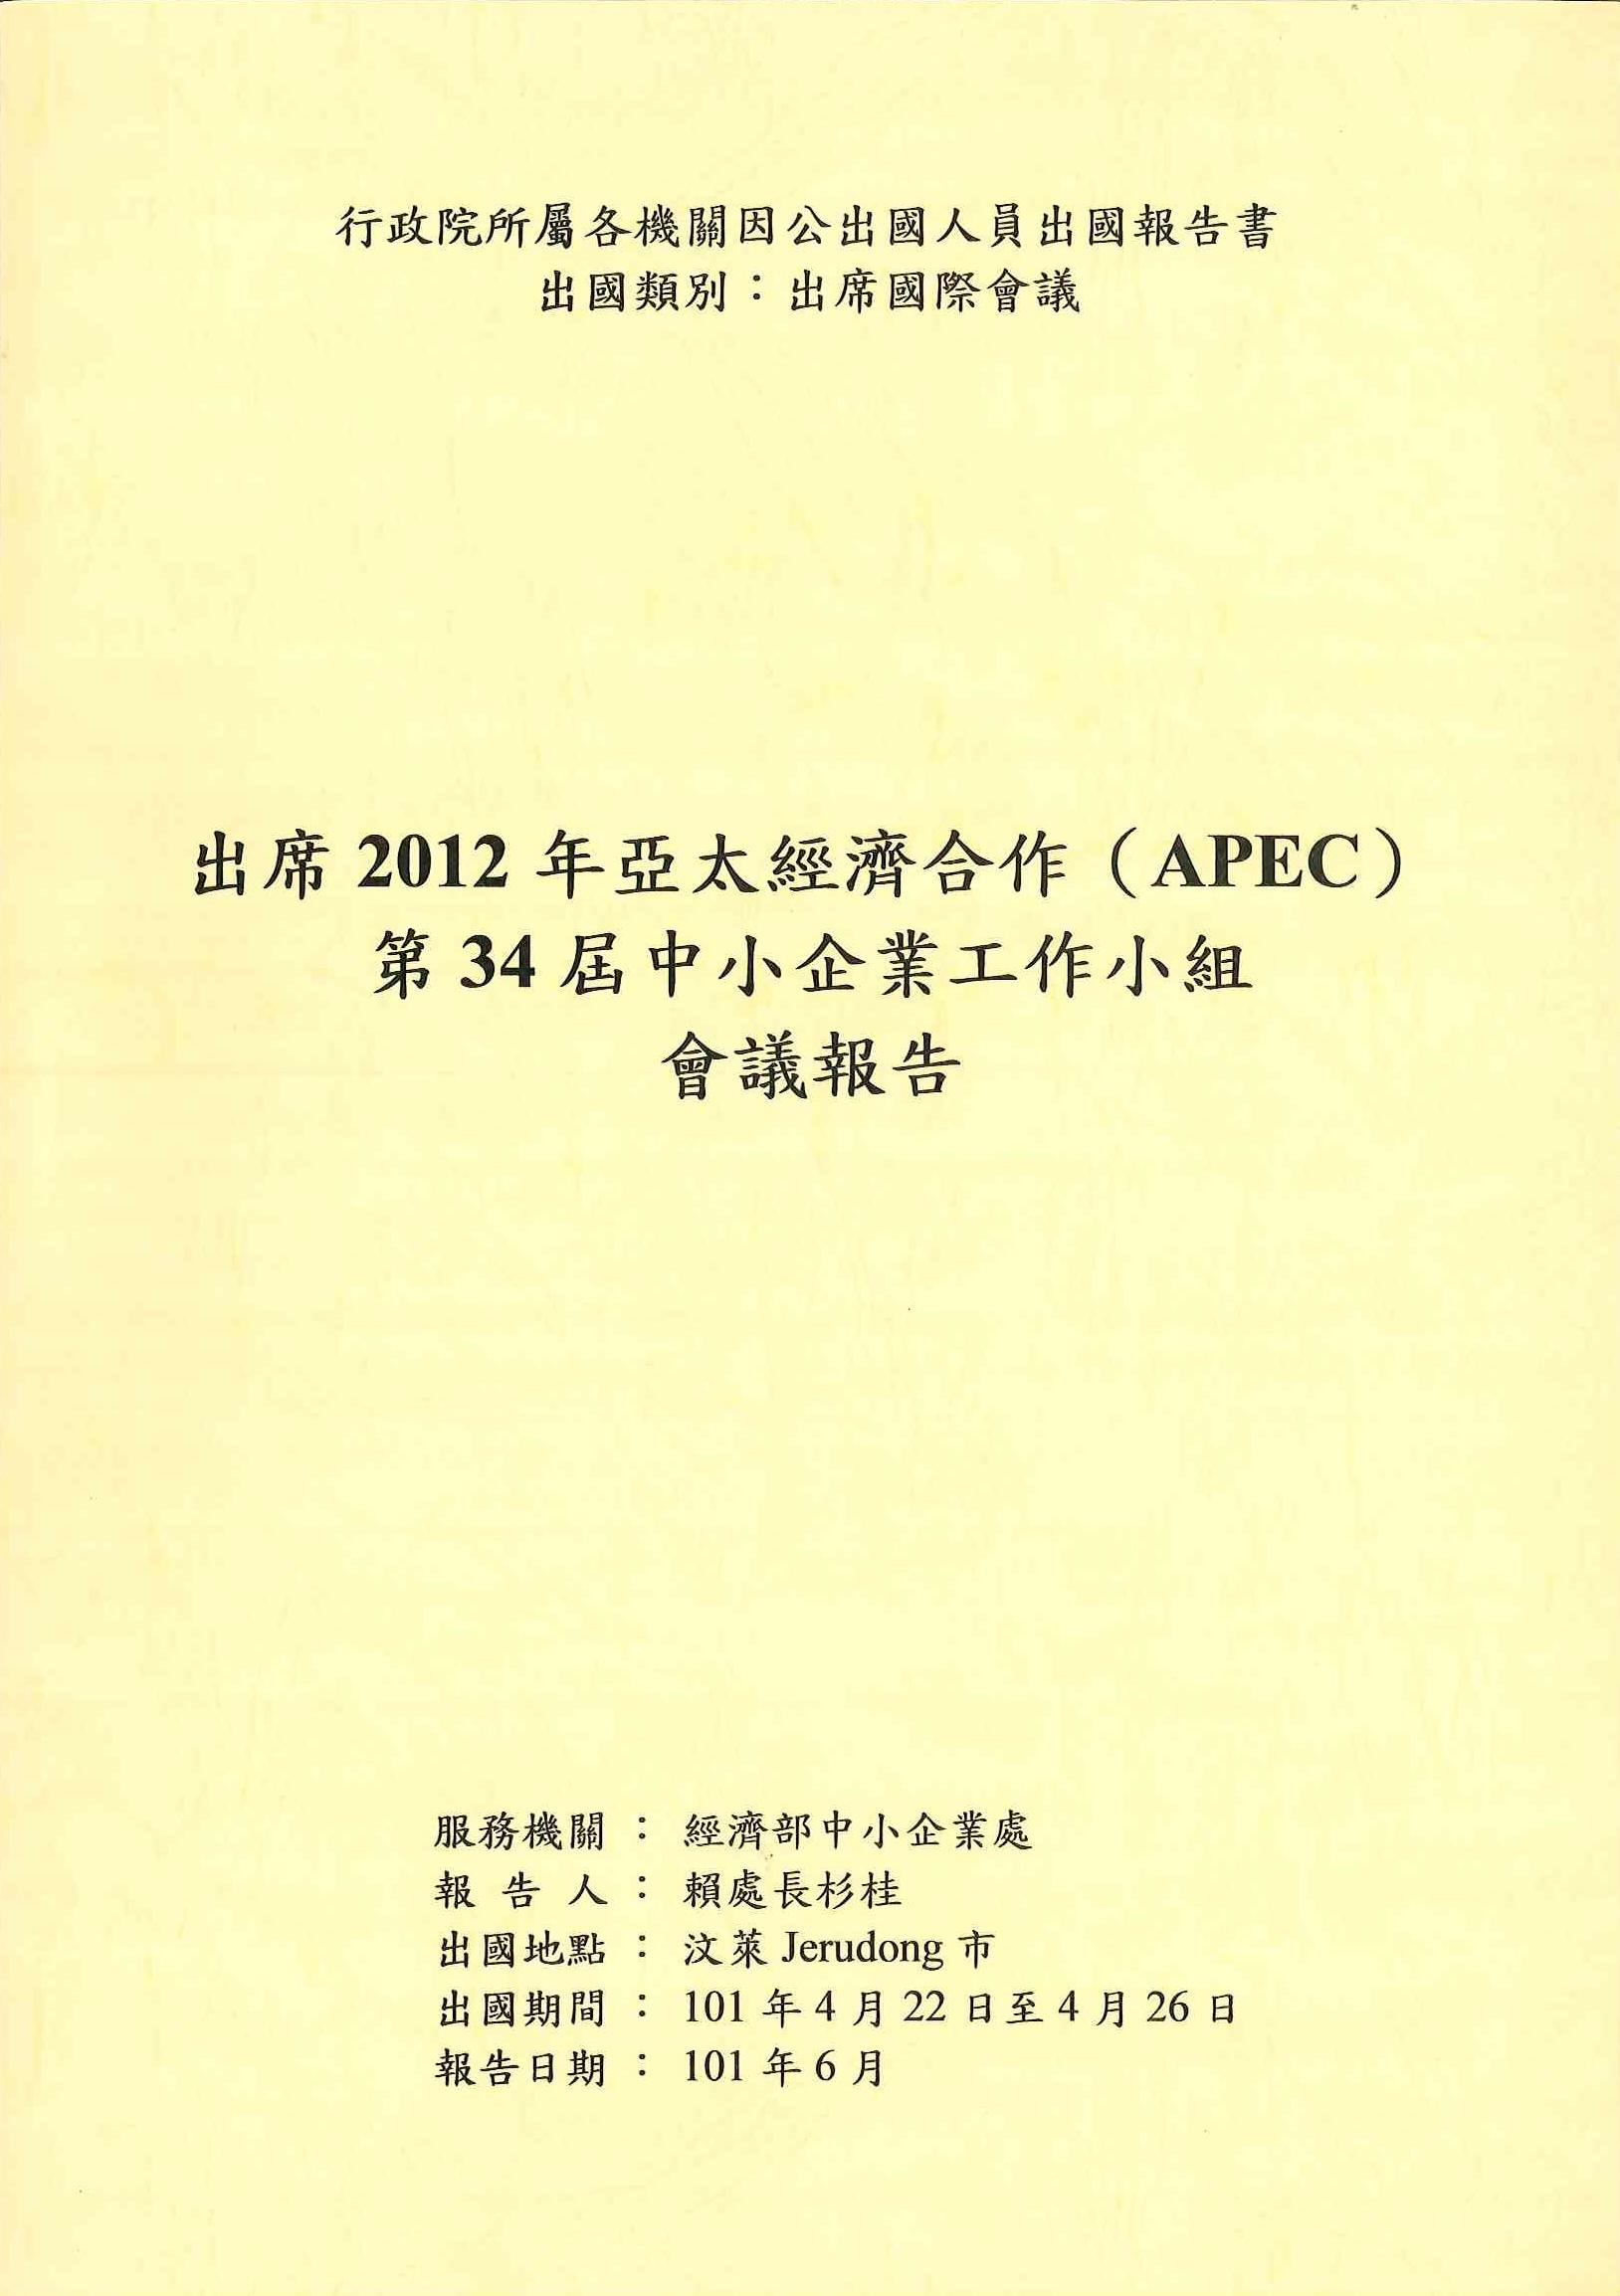 出席2012年亞太經濟合作(APEC)第34屆中小企業工作小組會議報告